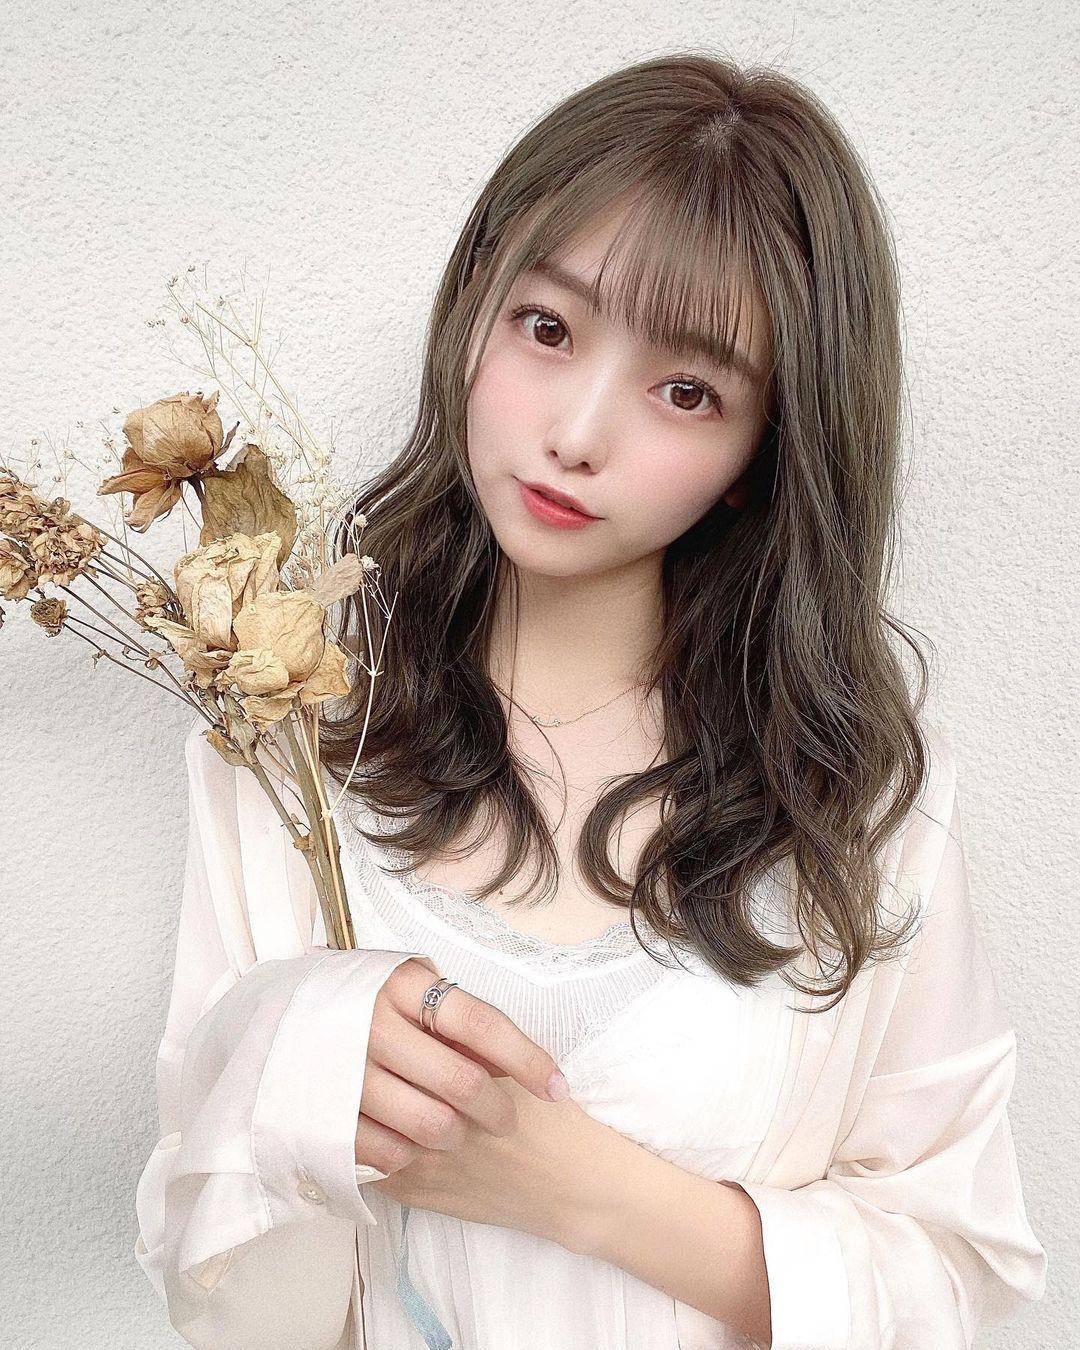 石川夏海甜美笑容深入人心,简直是二次元动漫走出来的!-新图包